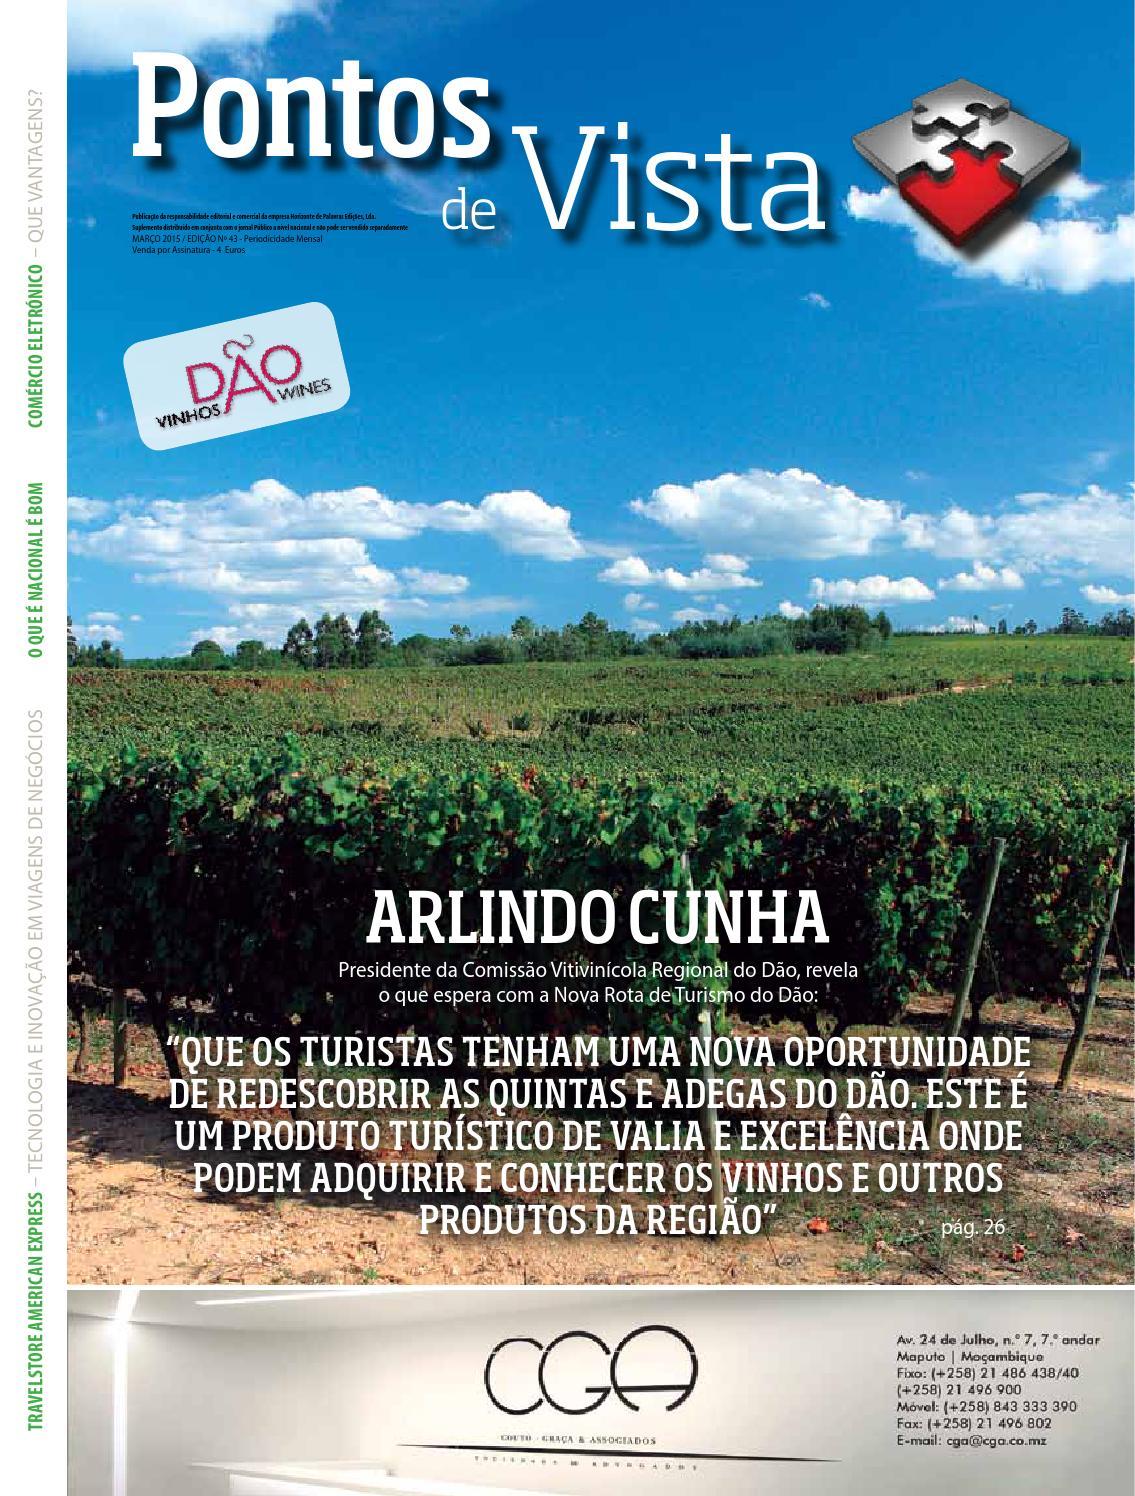 Revista Pontos de Vista Edição 43 by Revista Pontos de Vista - issuu 7a61f6749ad80